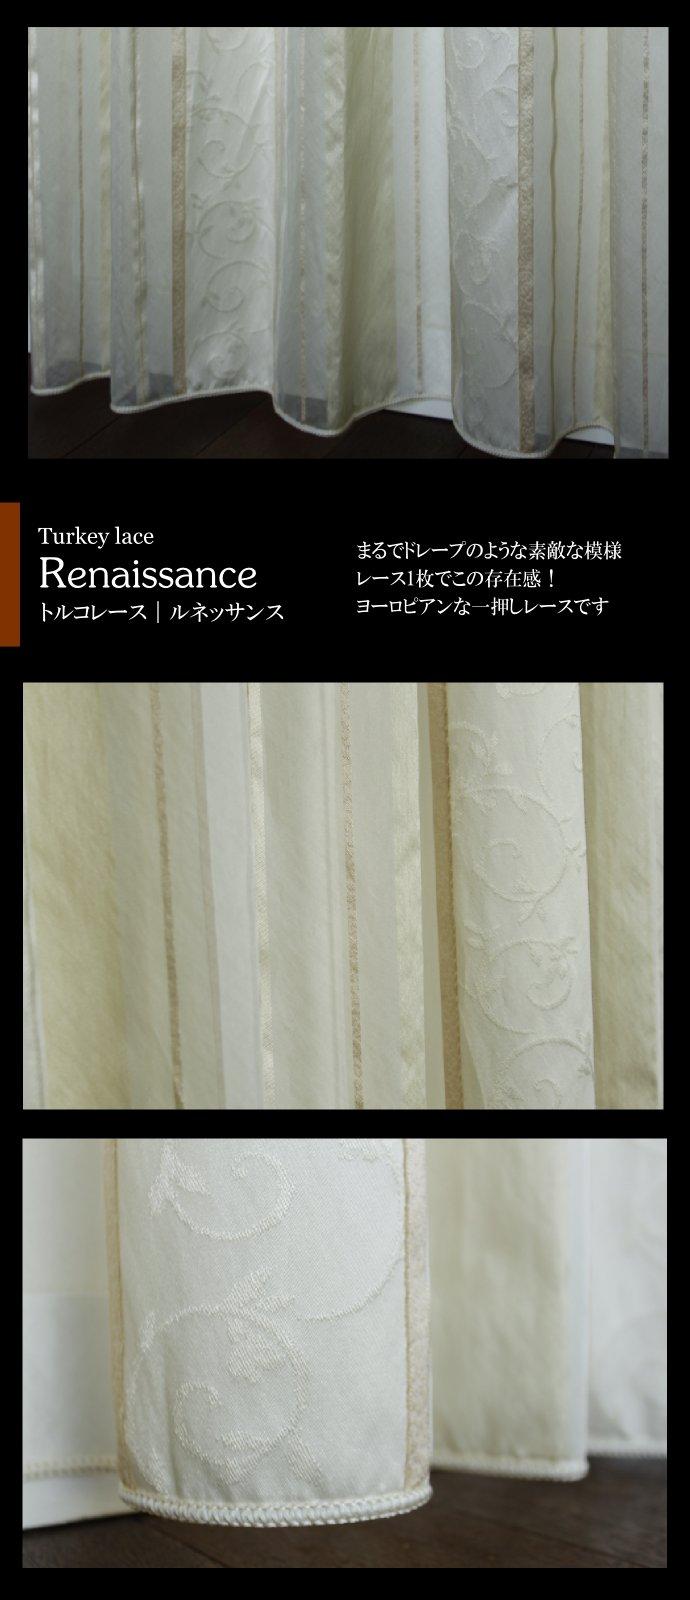 ルネッサンス・トルコレース